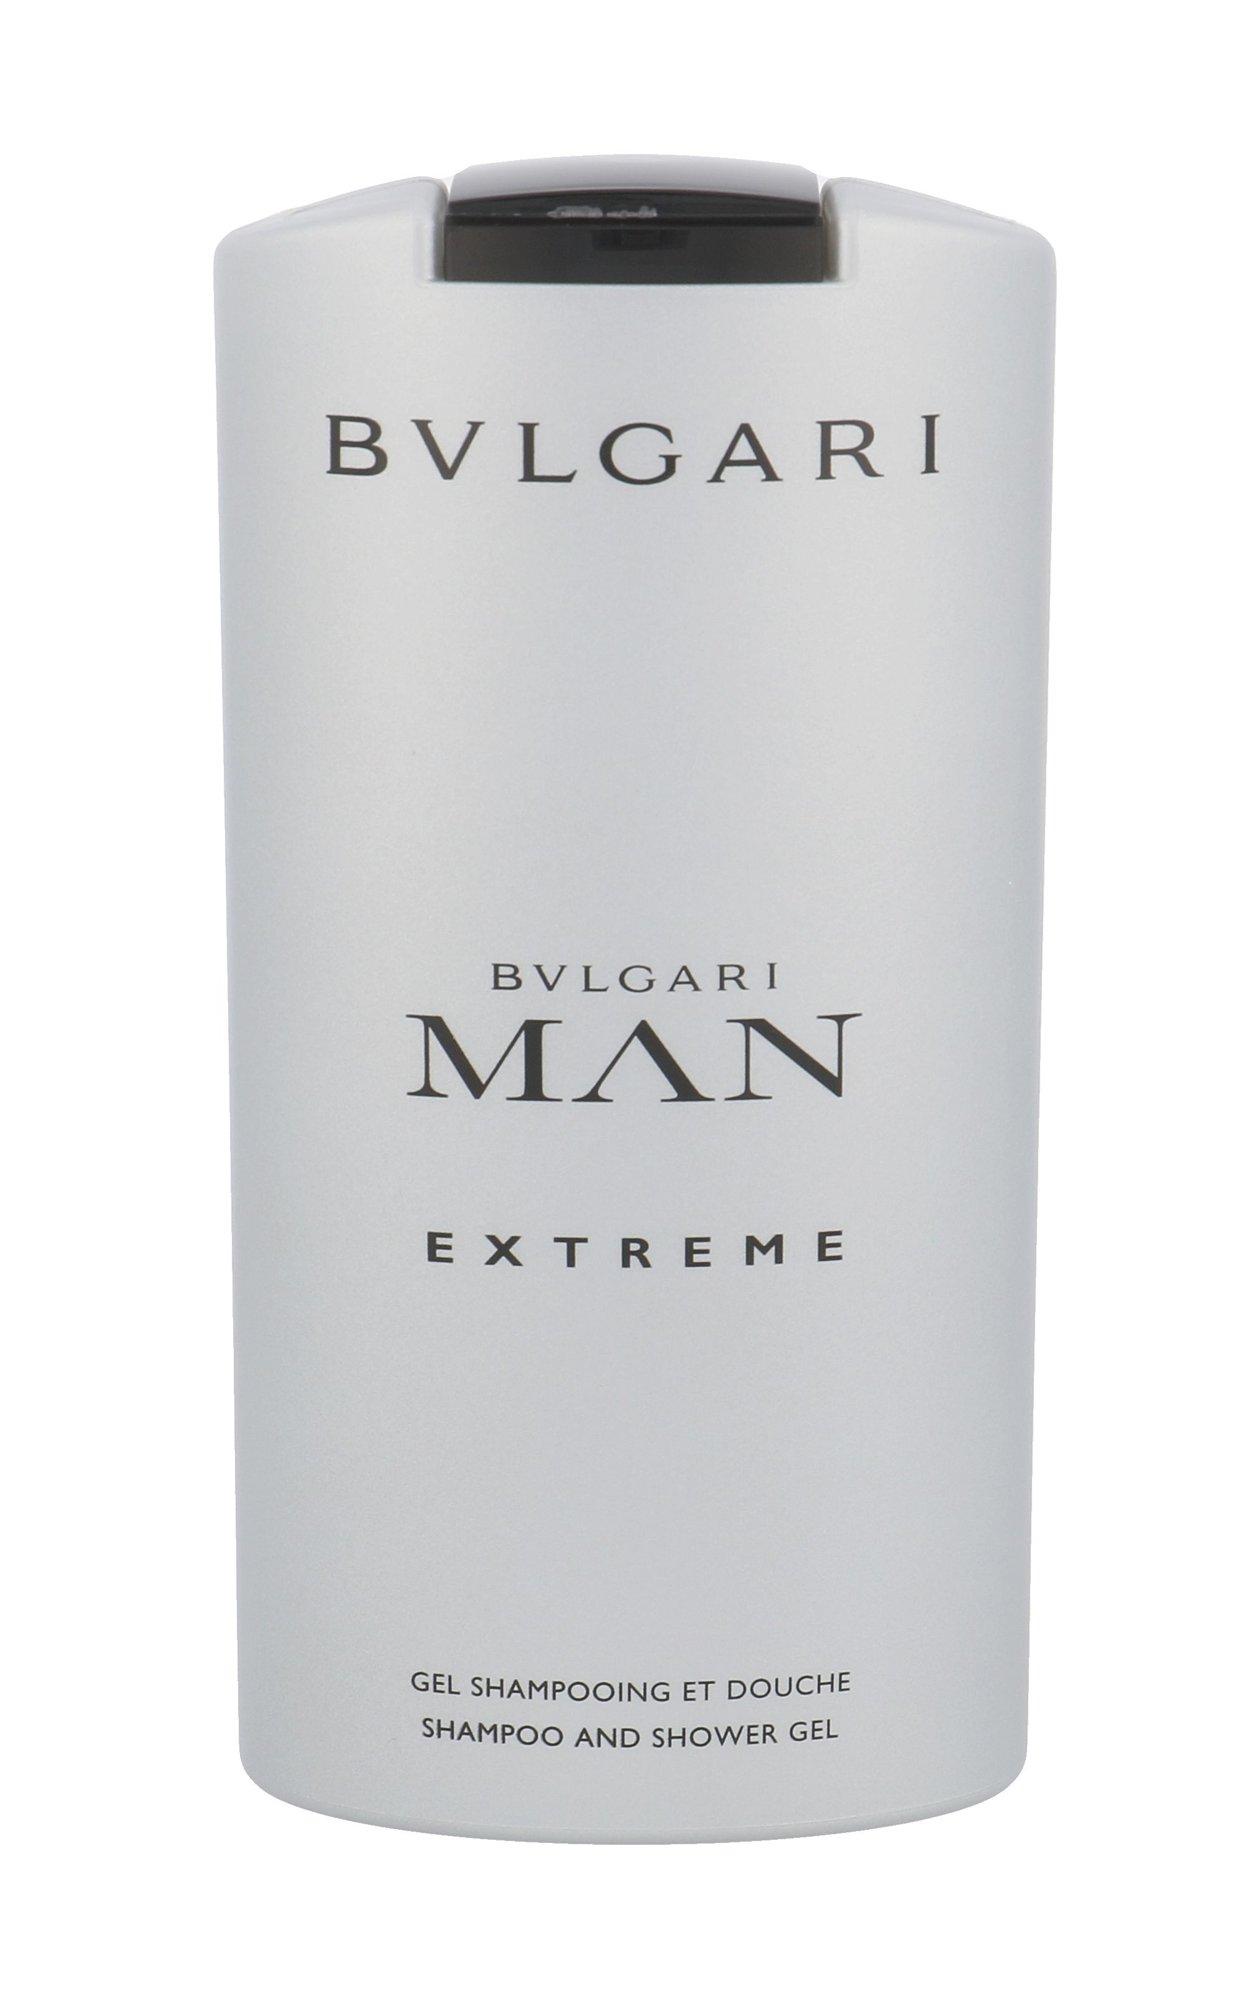 Bvlgari Bvlgari Man Extreme Shower gel 200ml